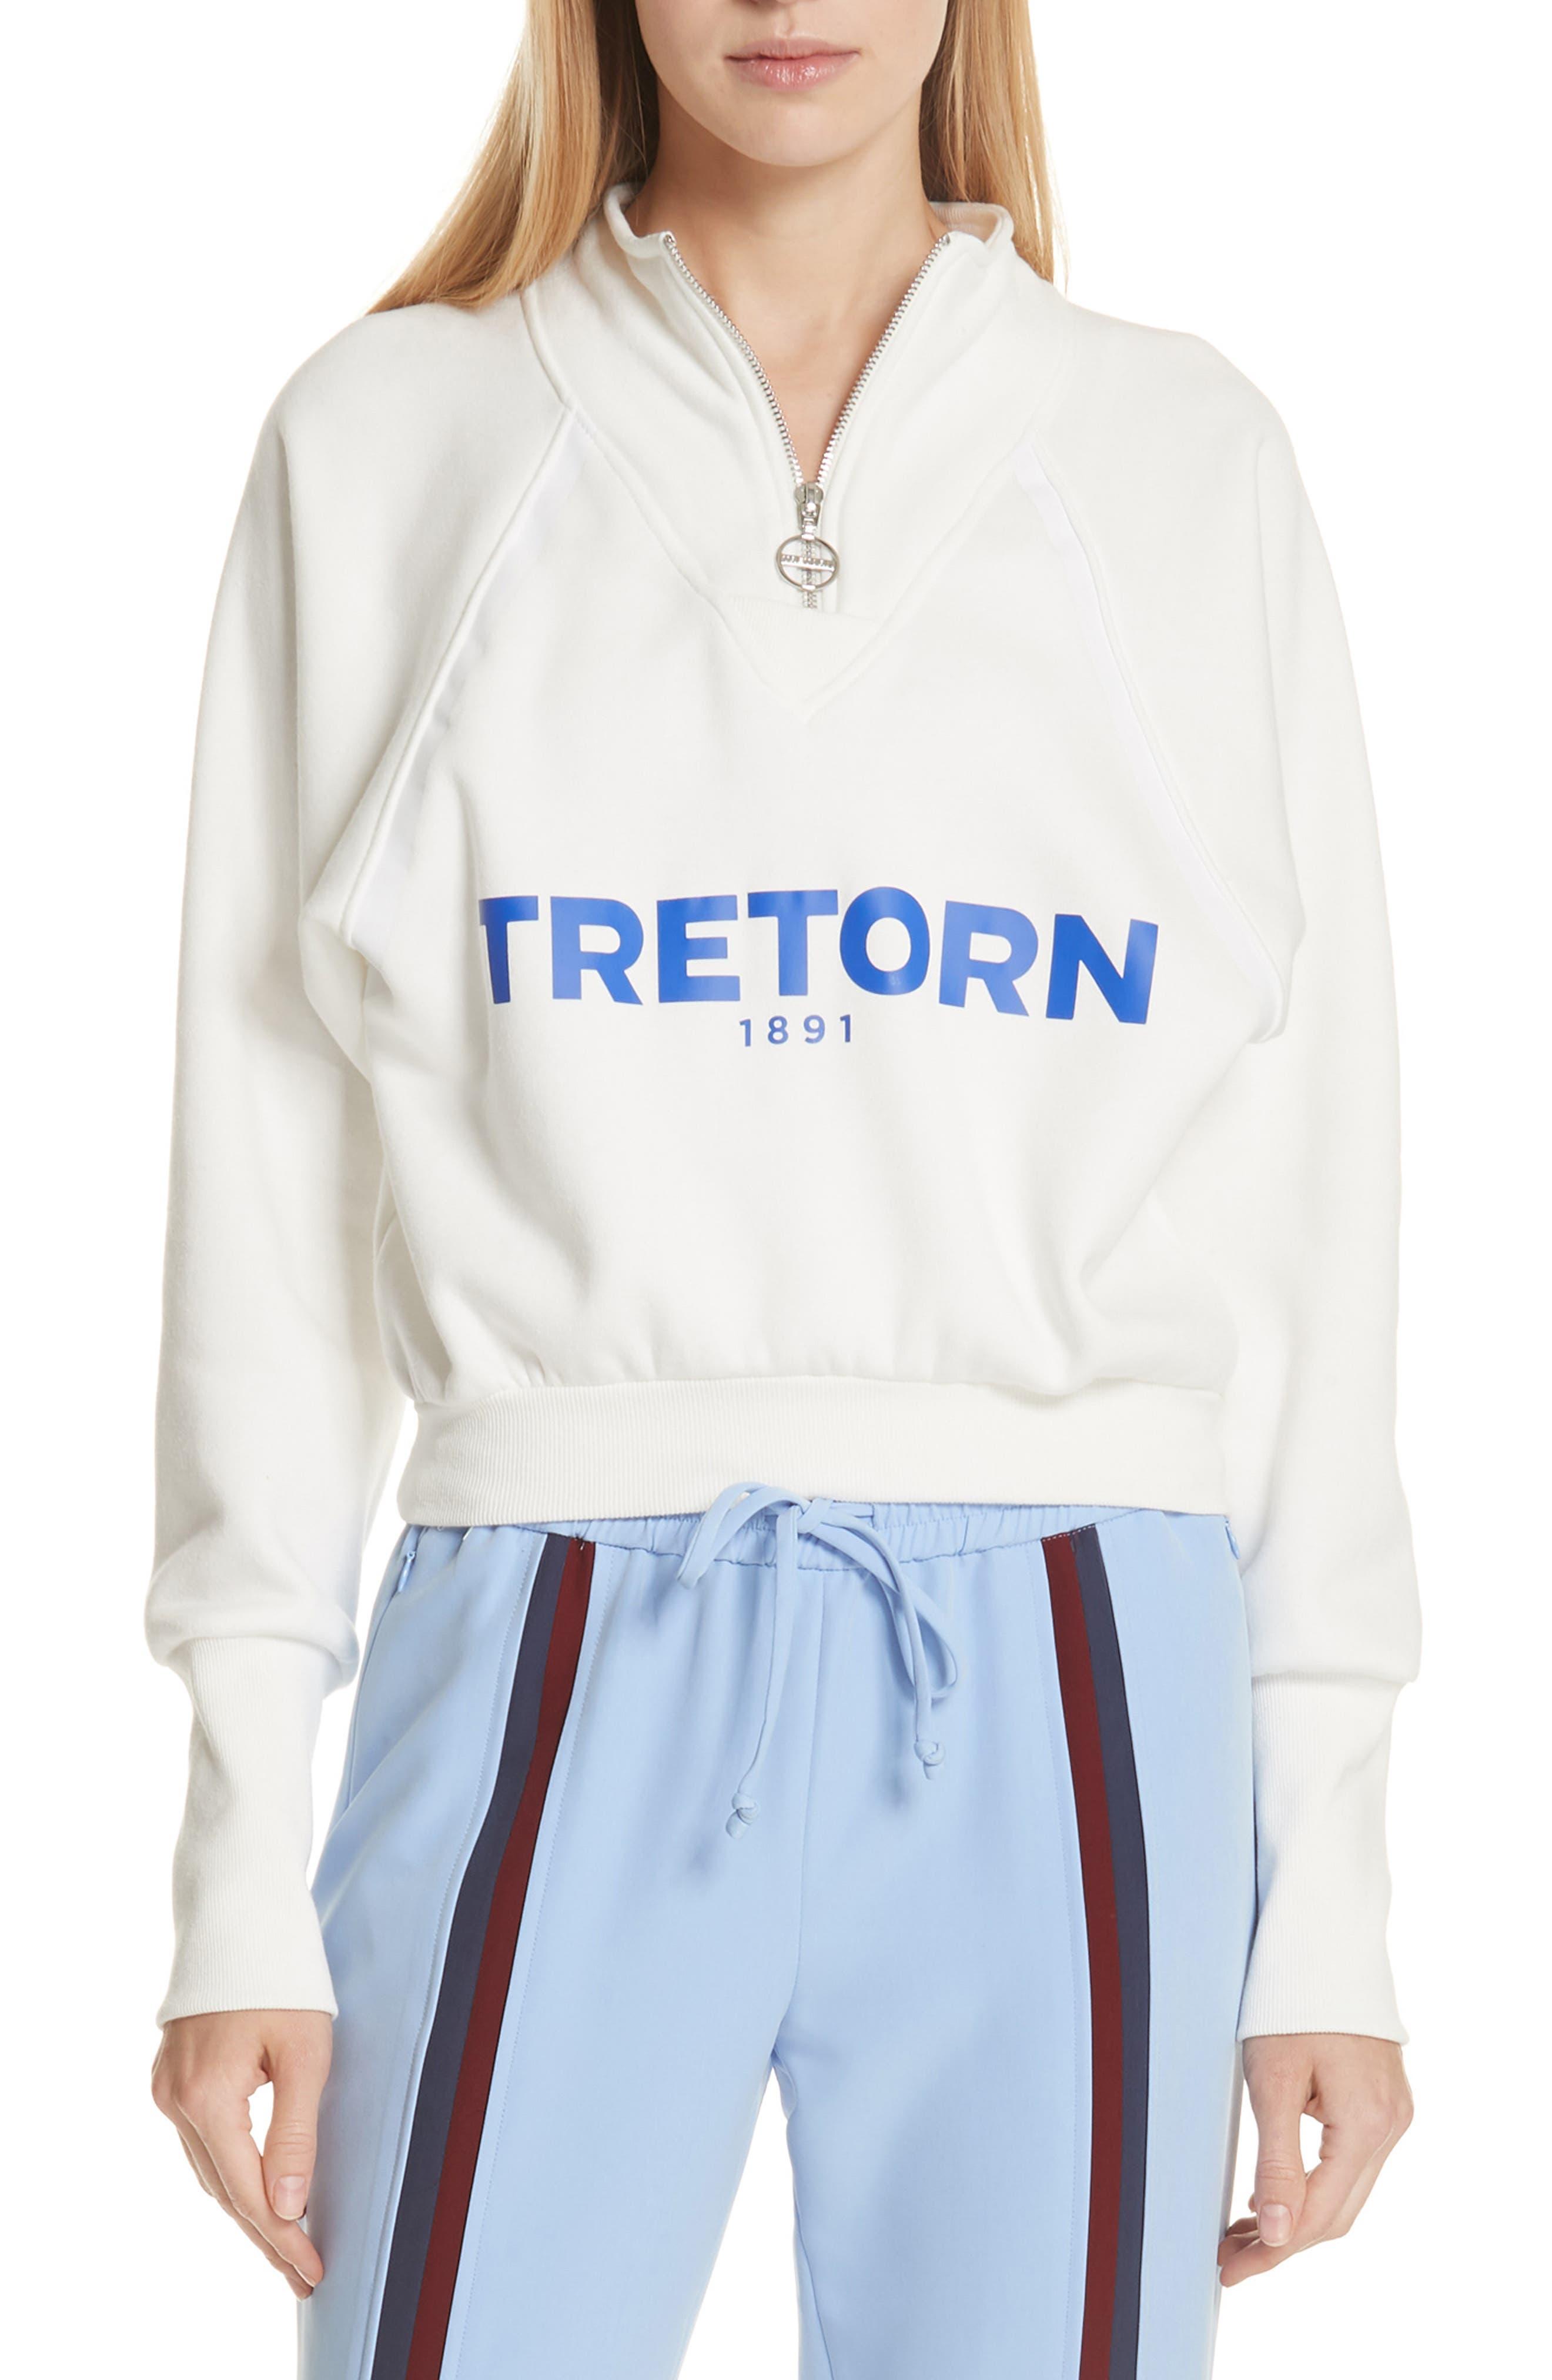 Tretorn Graphic Half Zip Pullover (Nordstrom Exclusive)